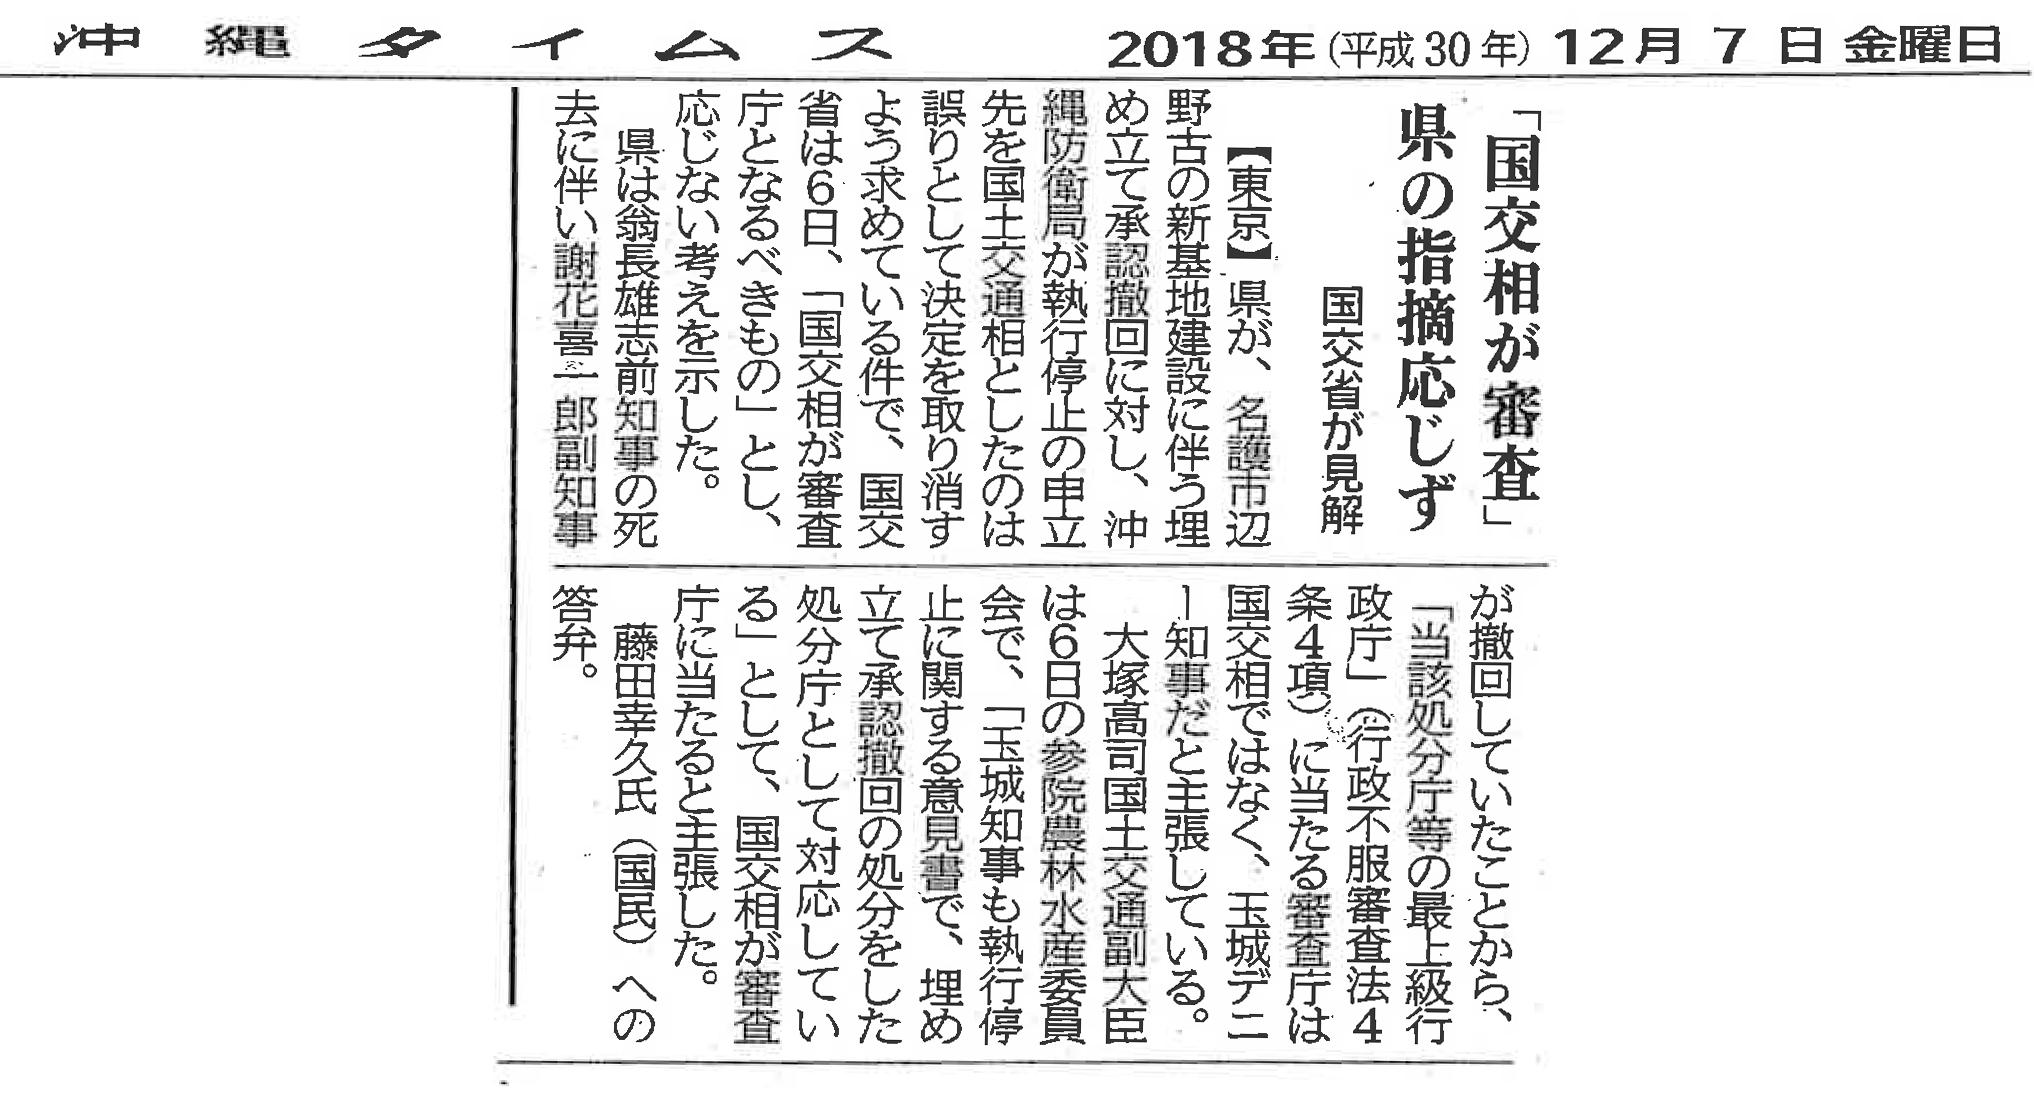 【沖縄タイムス】「国交相が審査」県の私的応じず 国交省が見解